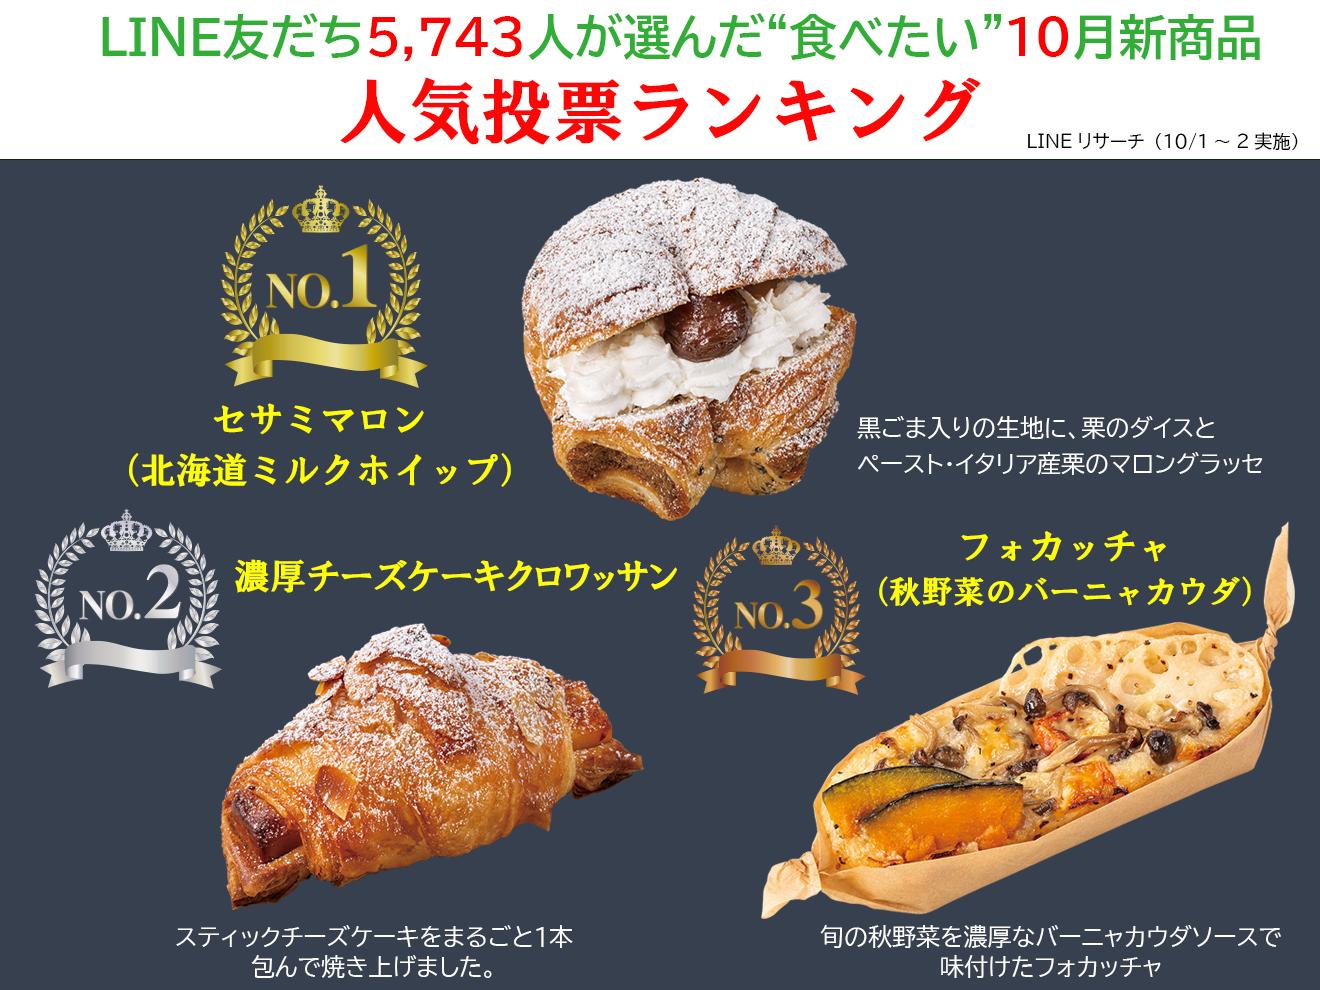 10月新商品人気投票ランキング発表